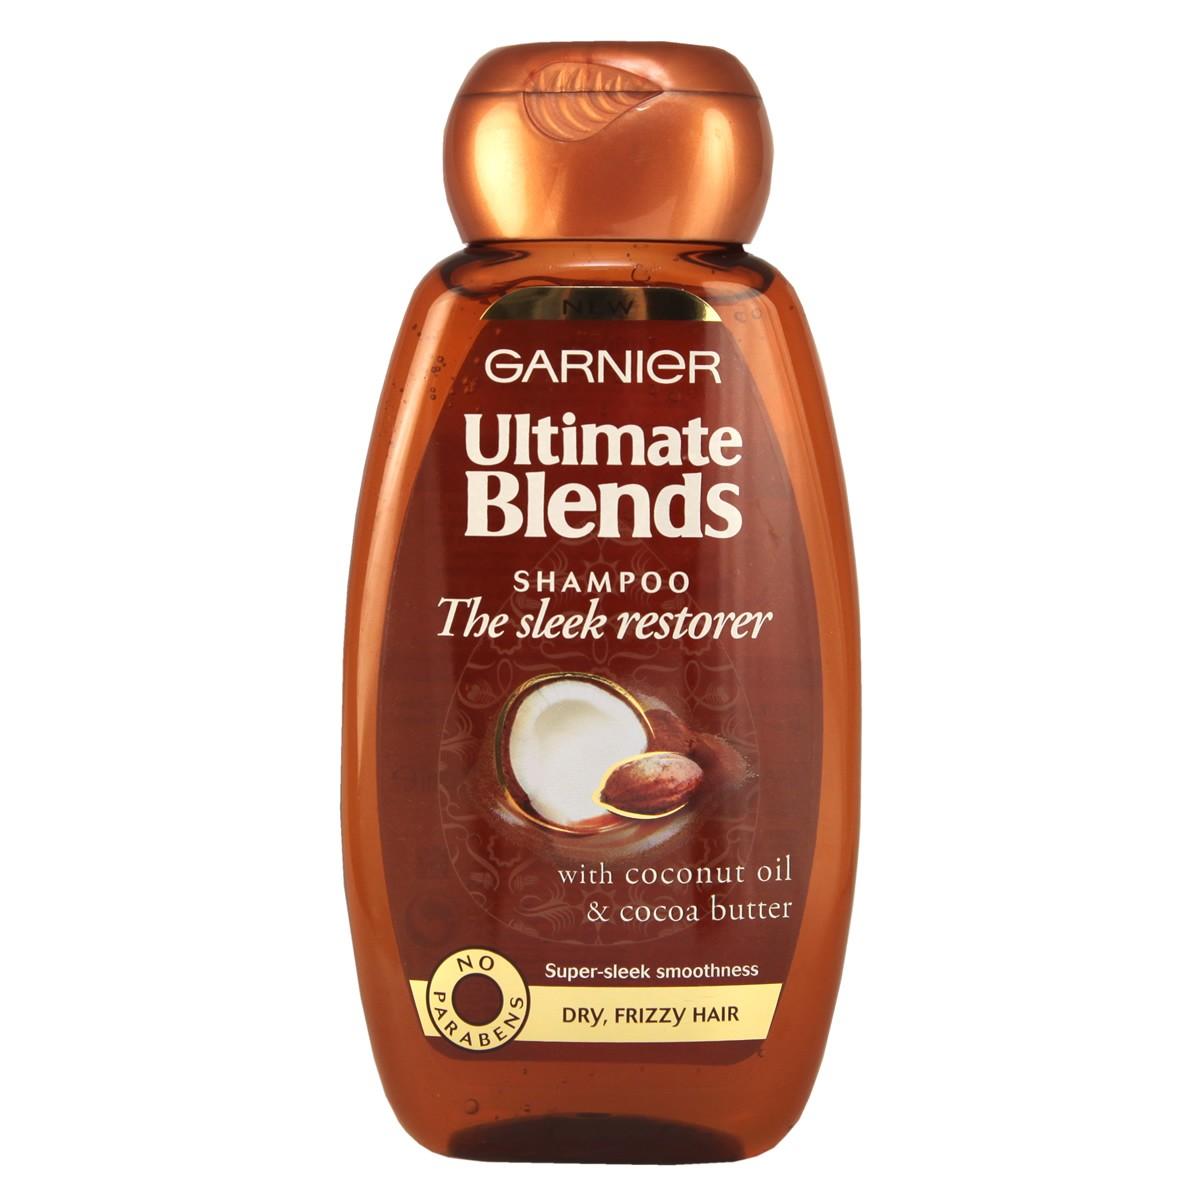 Garnier Ultimate Blends The Sleek Restorer Shampoo